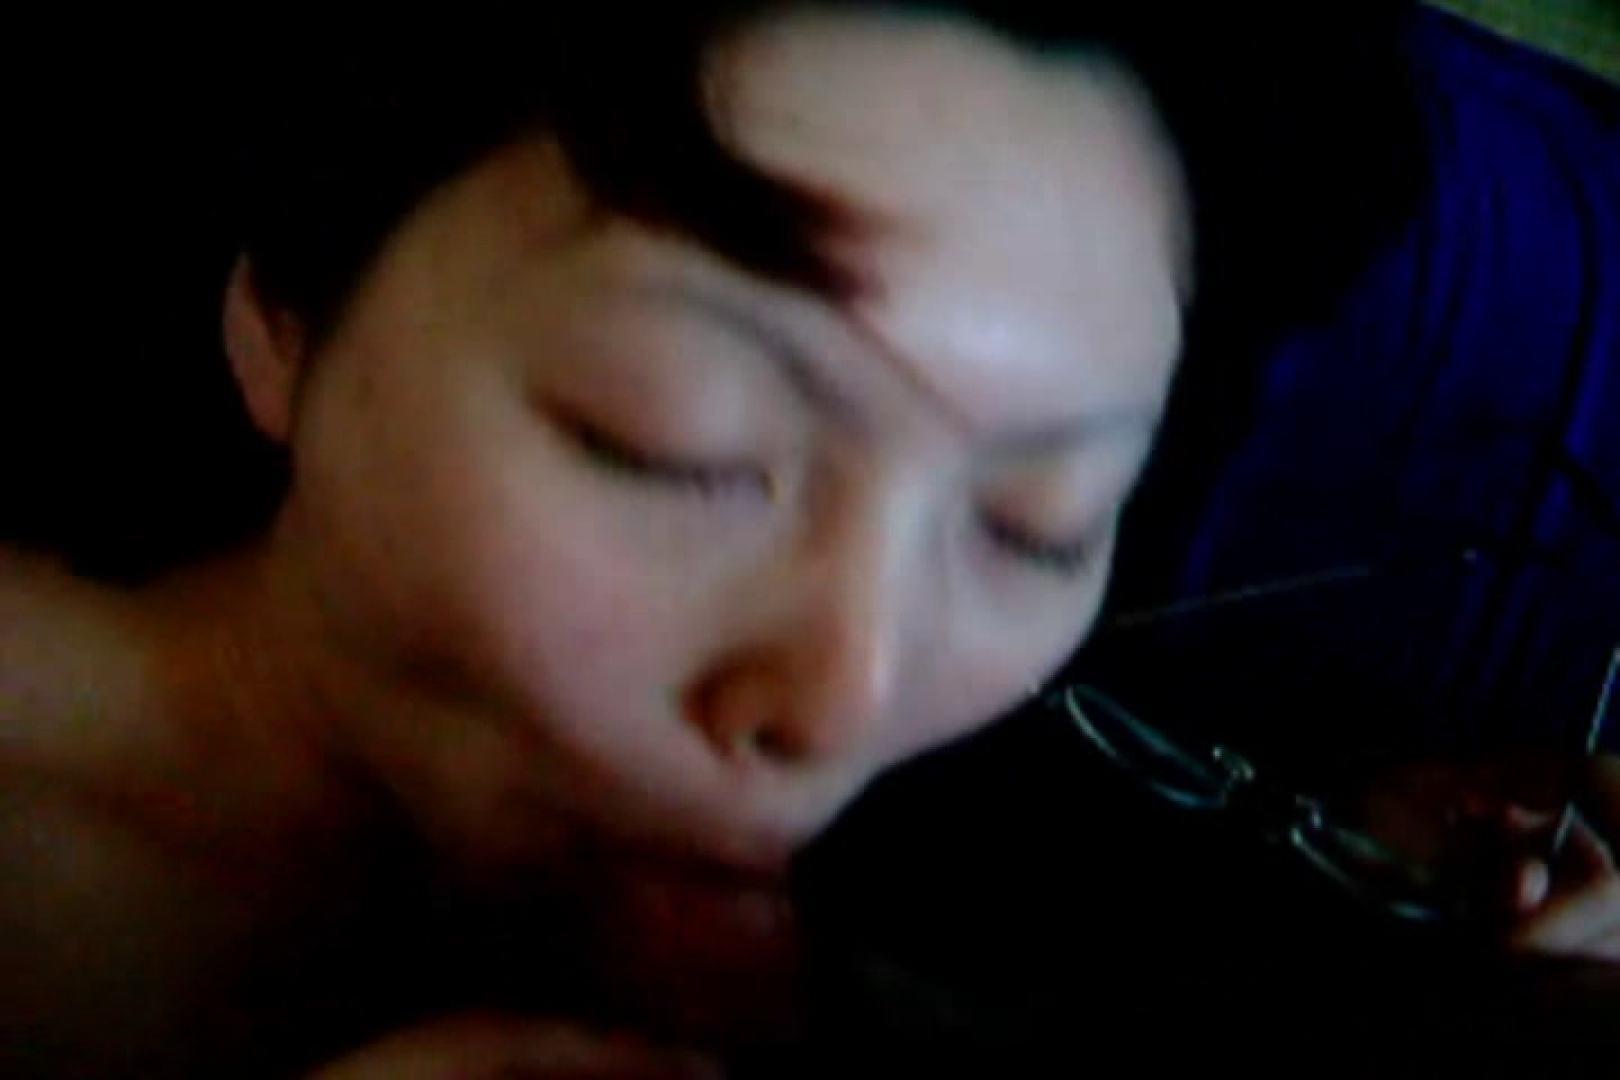 ウイルス流出 鹿児島県庁職員 中瀬瀬久成の流出ビデオ マンコ特別編 エロ画像 69枚 18